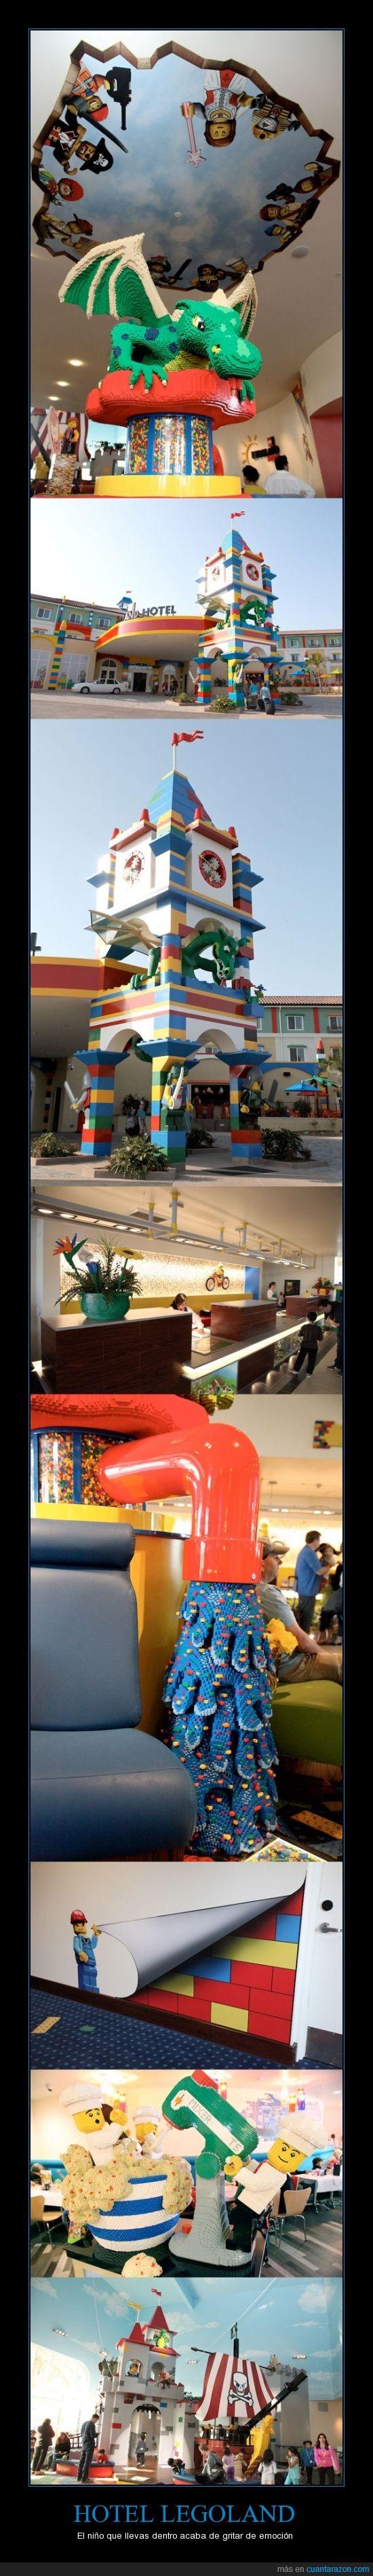 hotel,juguete,lego,muñeco,pieza,pirata